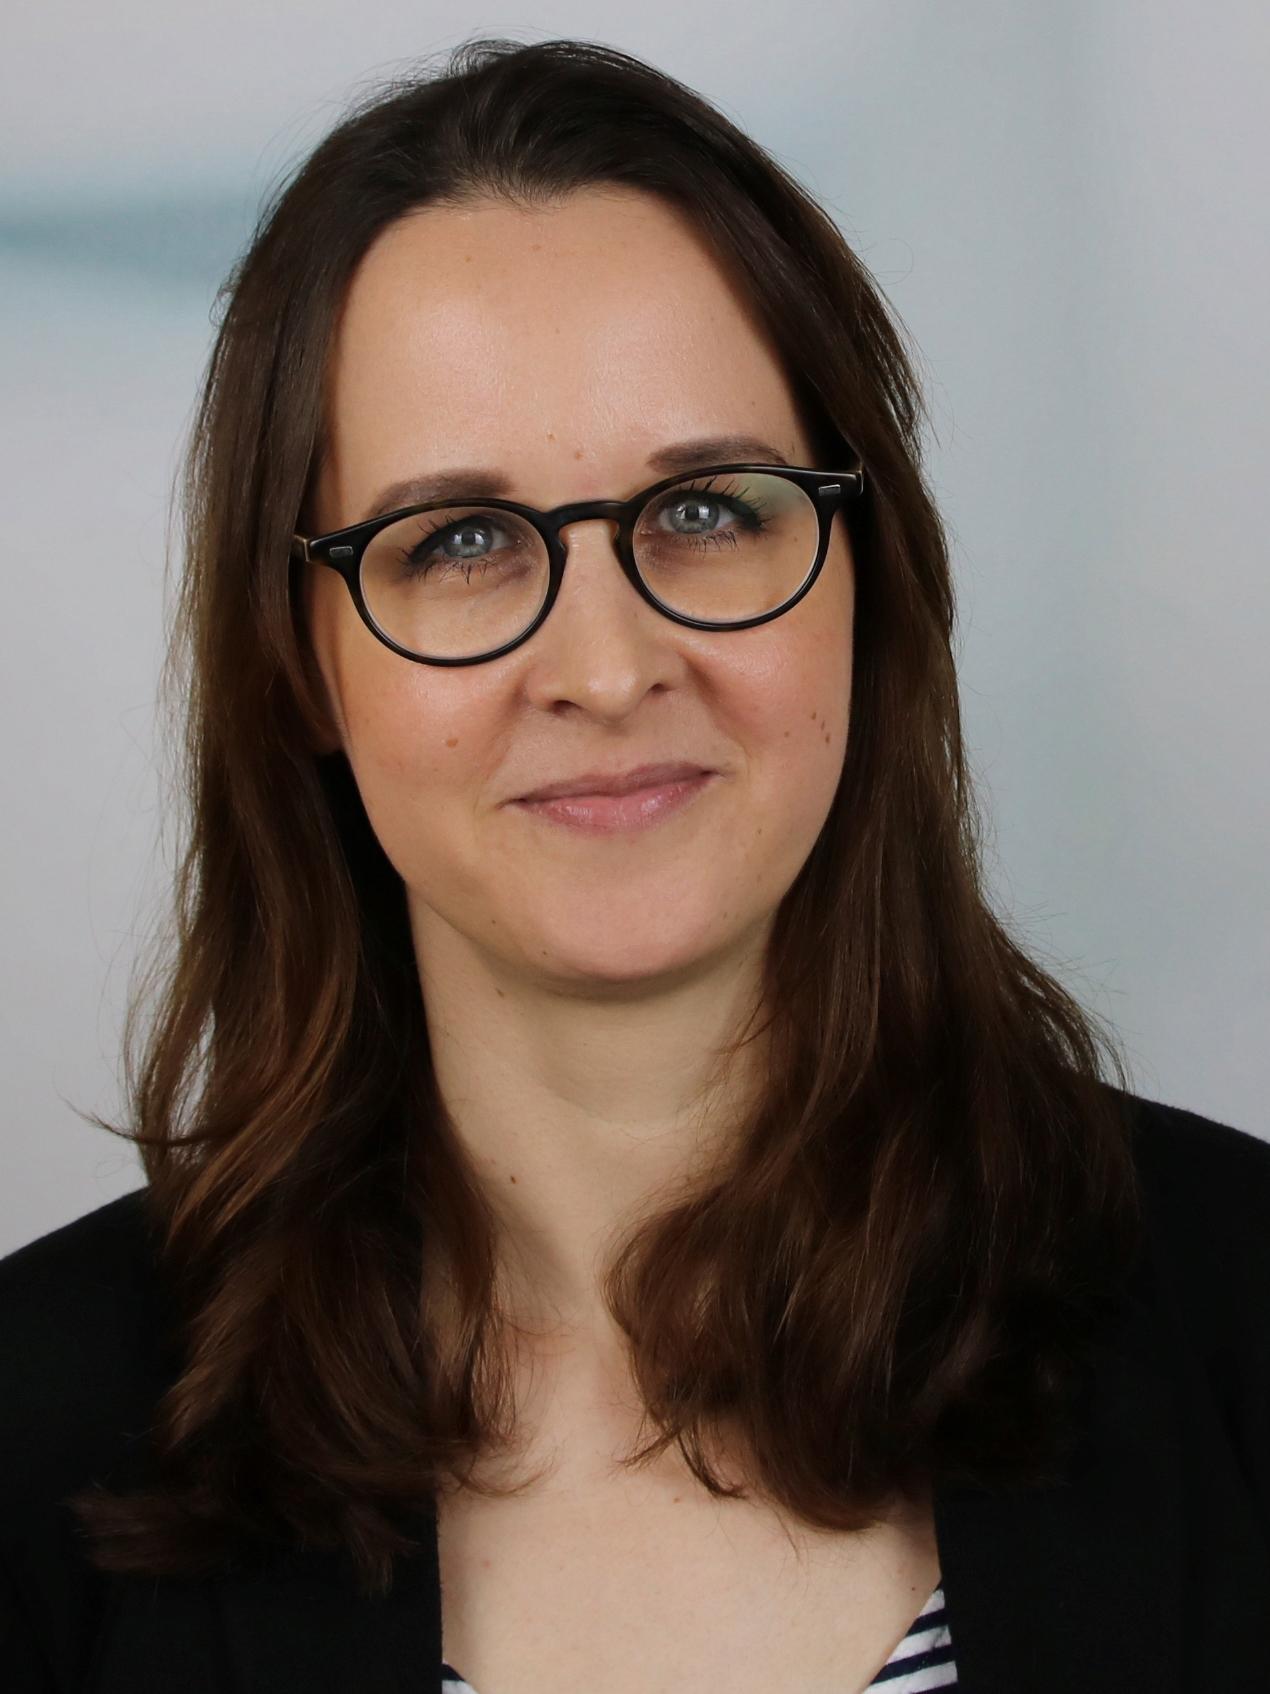 Sara Goldenberg